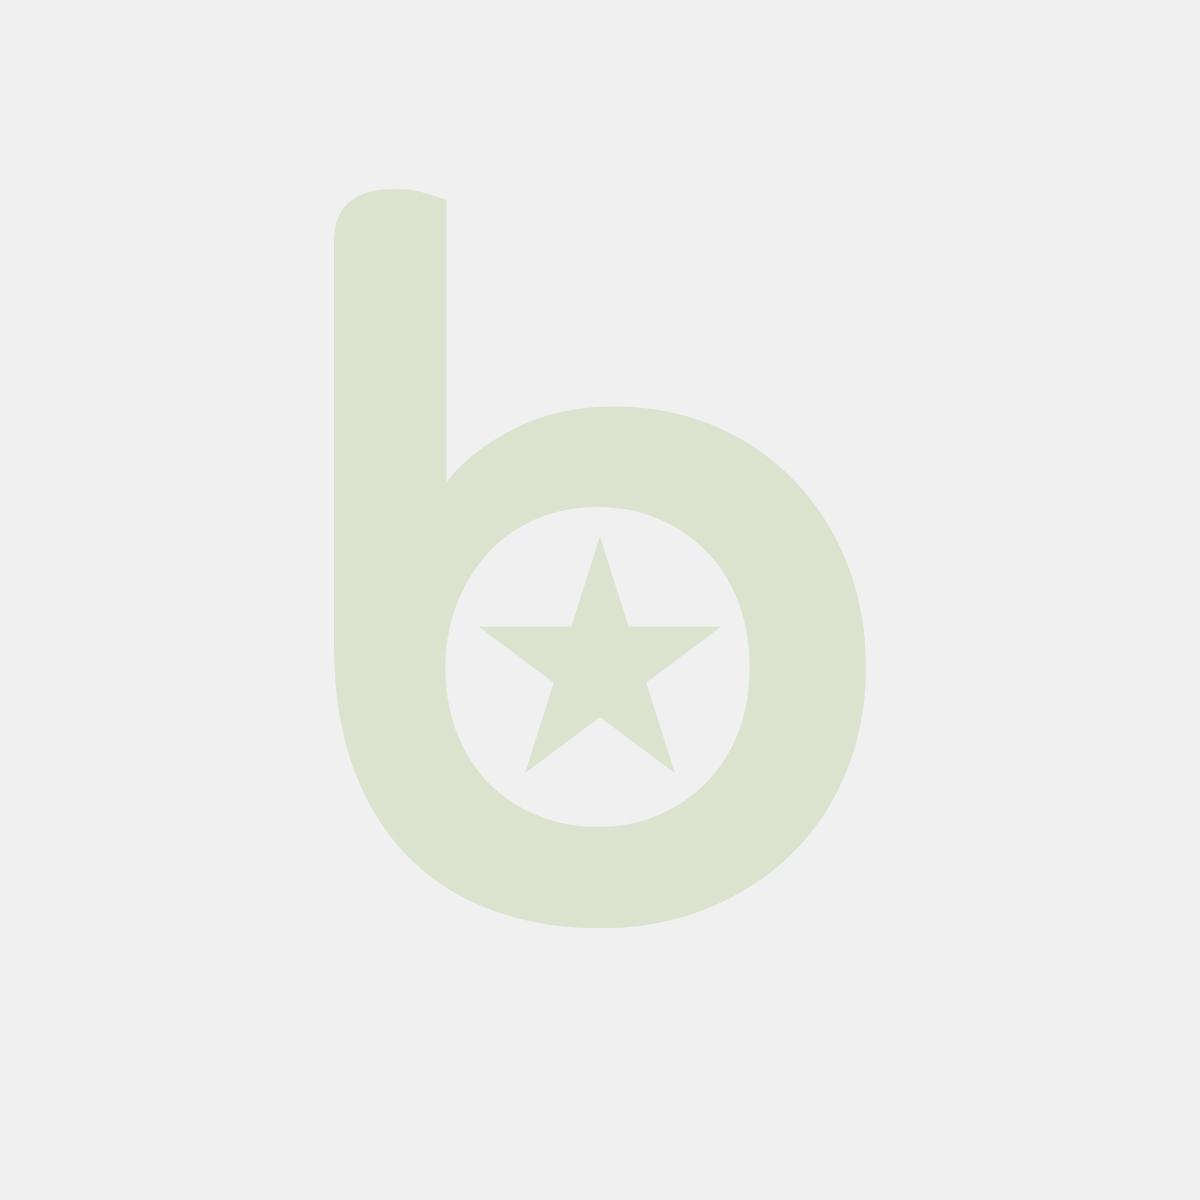 Pomocnik barmański, czarny 15x22x10cm